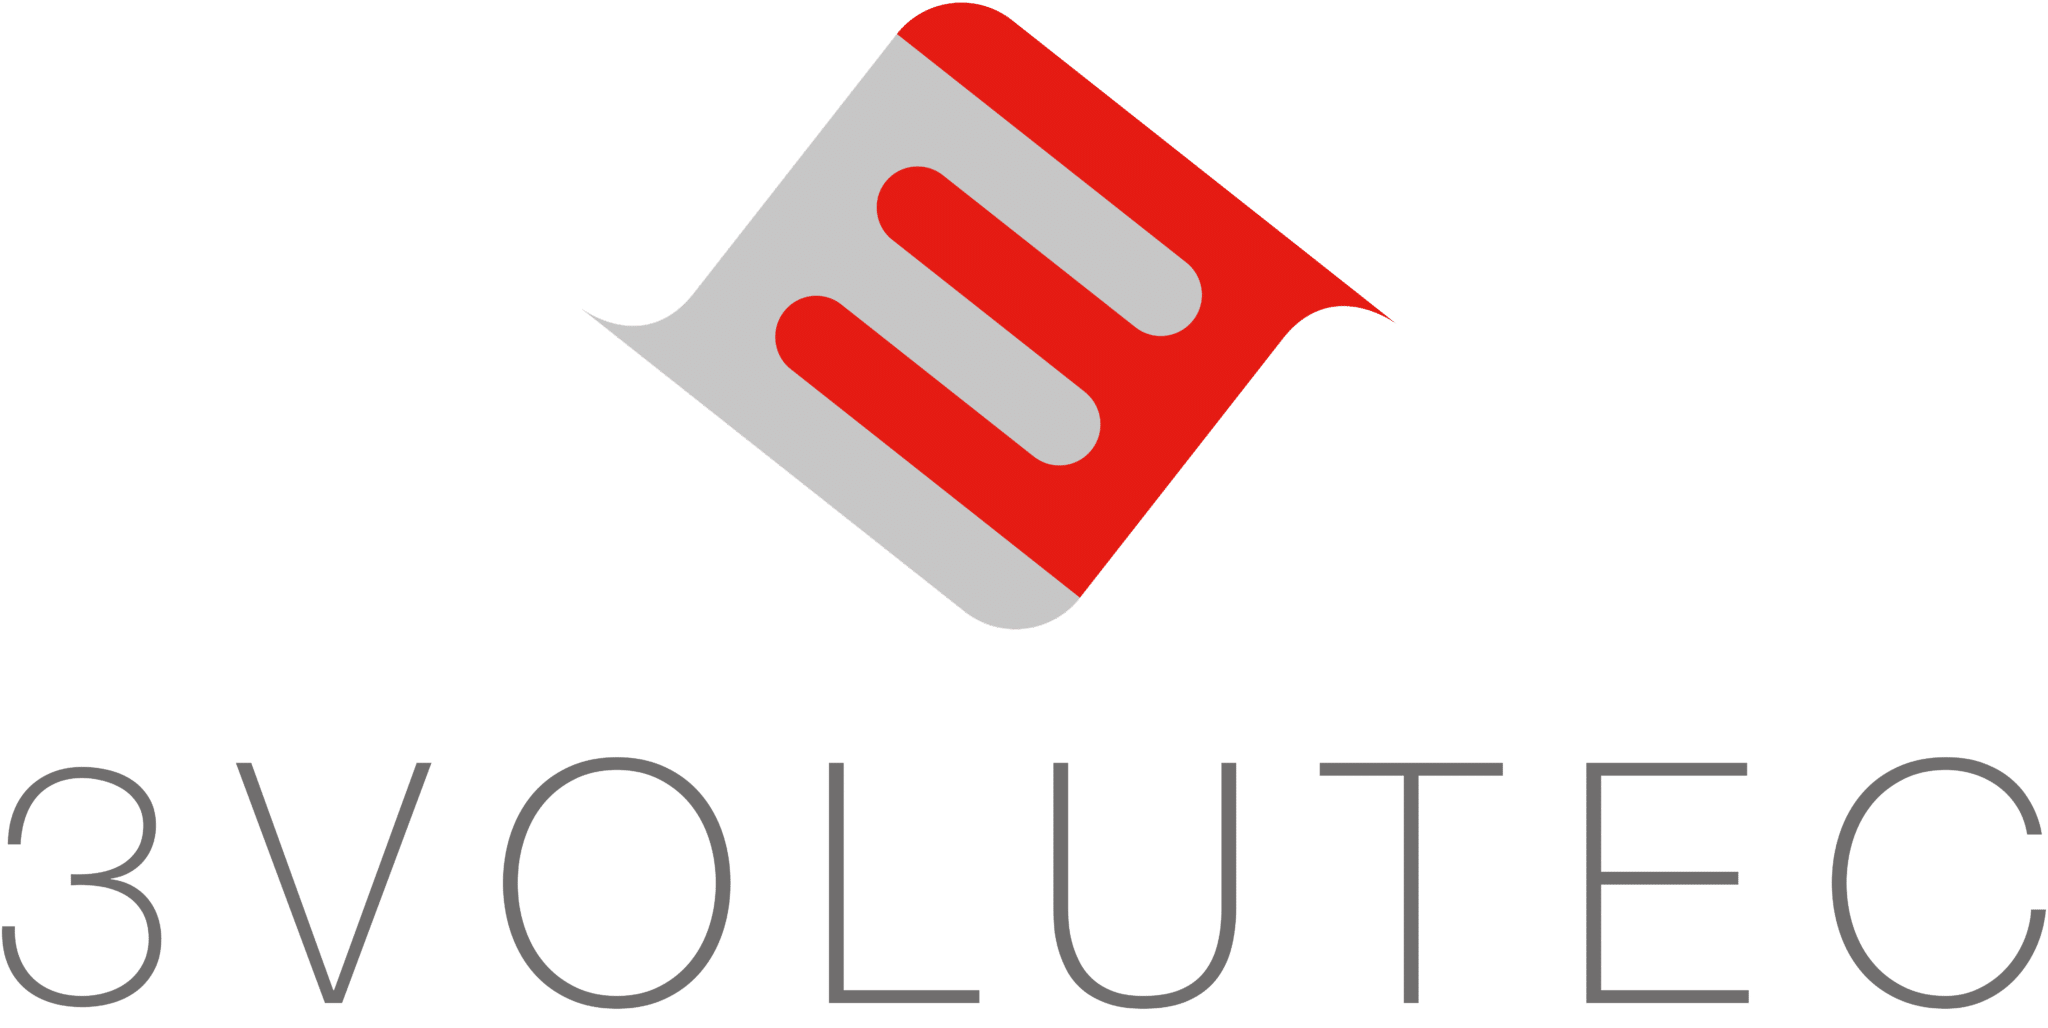 Logo de l'entreprise 3VOLUTEC.